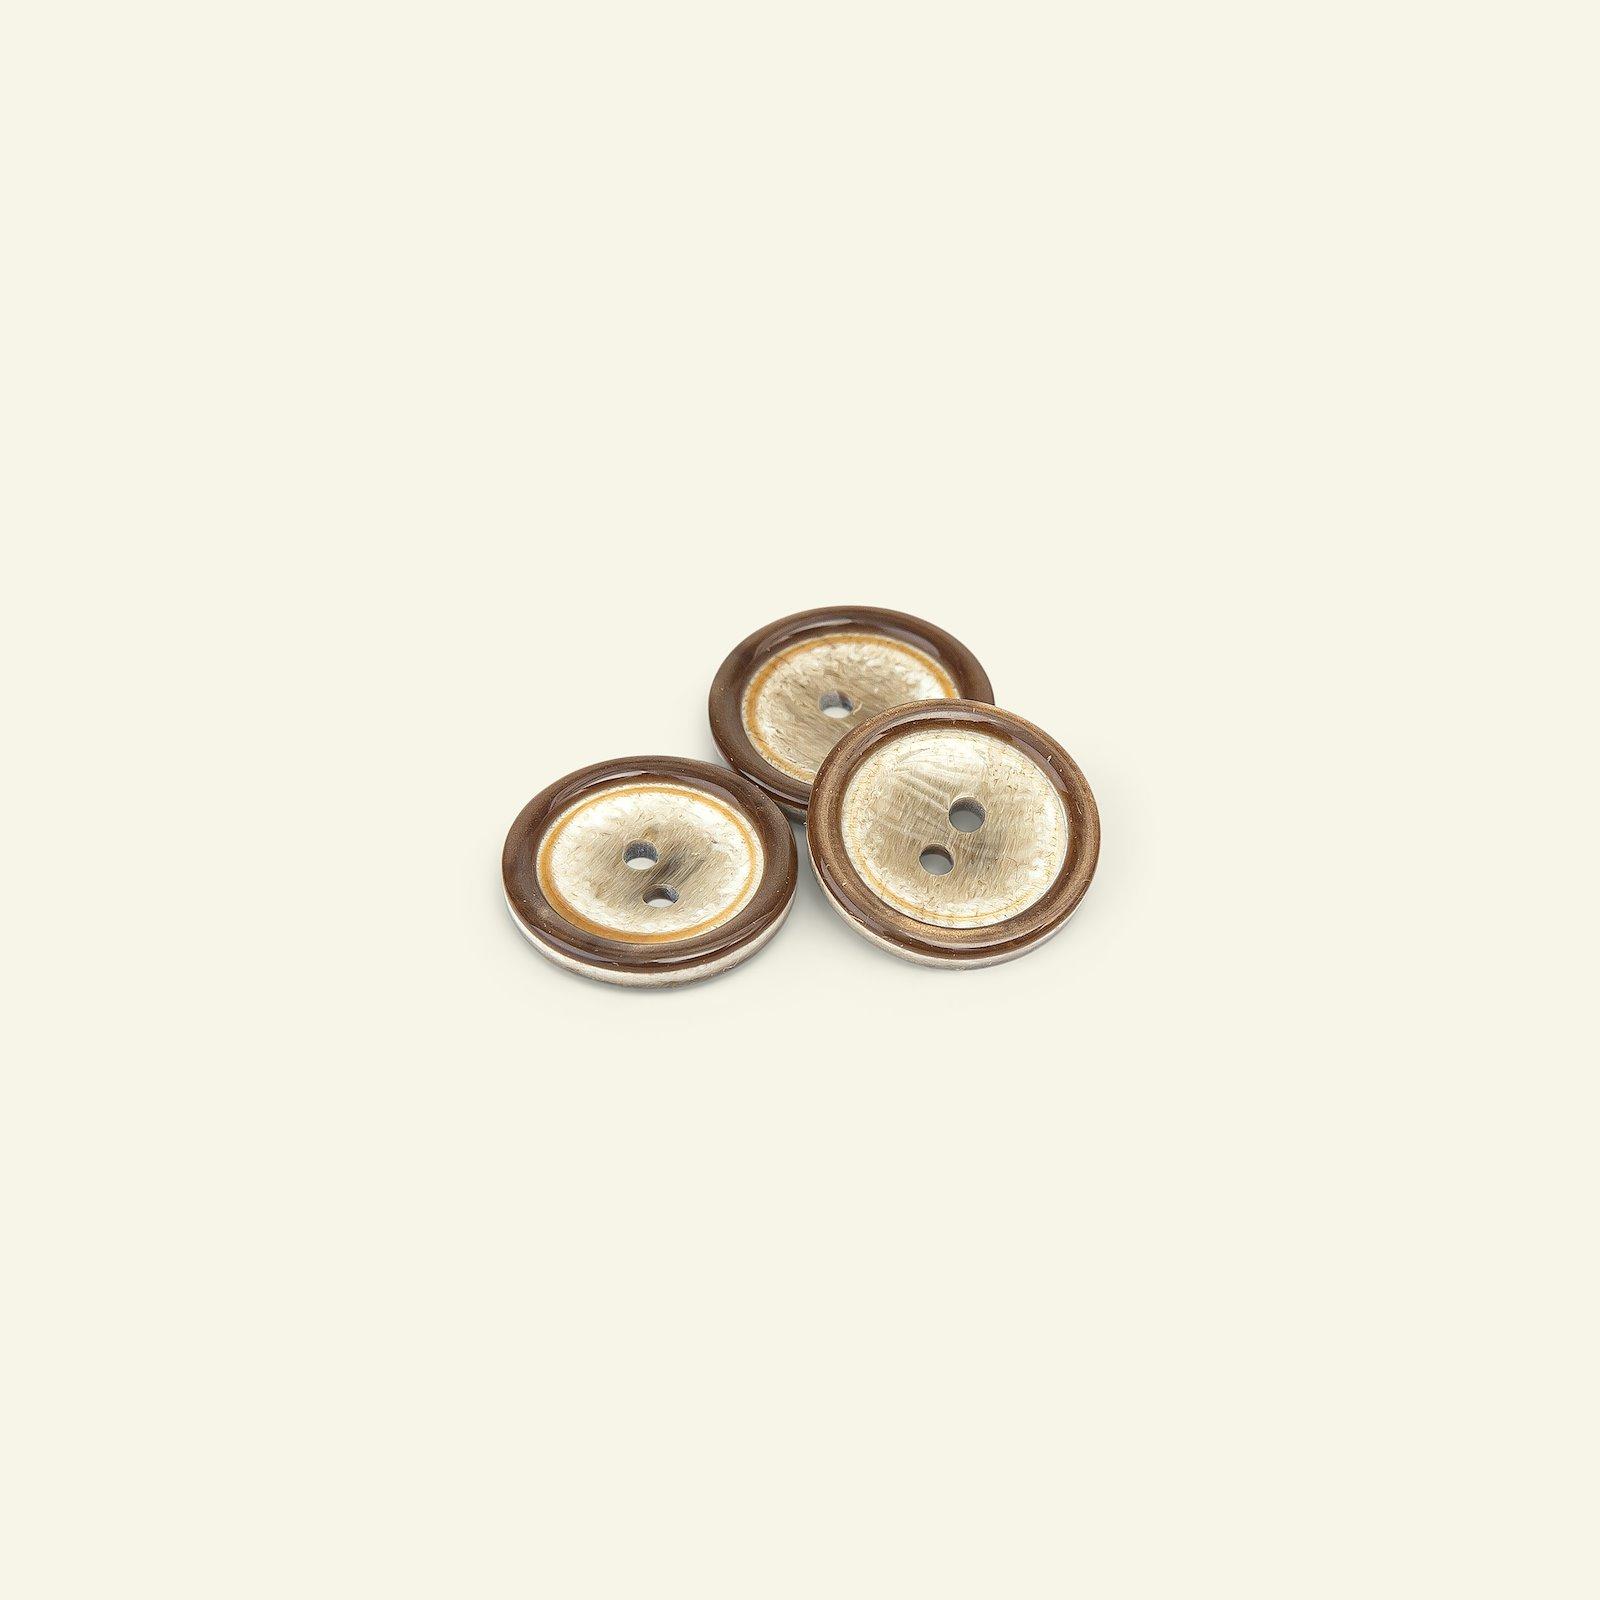 Button 2-holes w/rim 20mm brown 3pcs 33359_pack